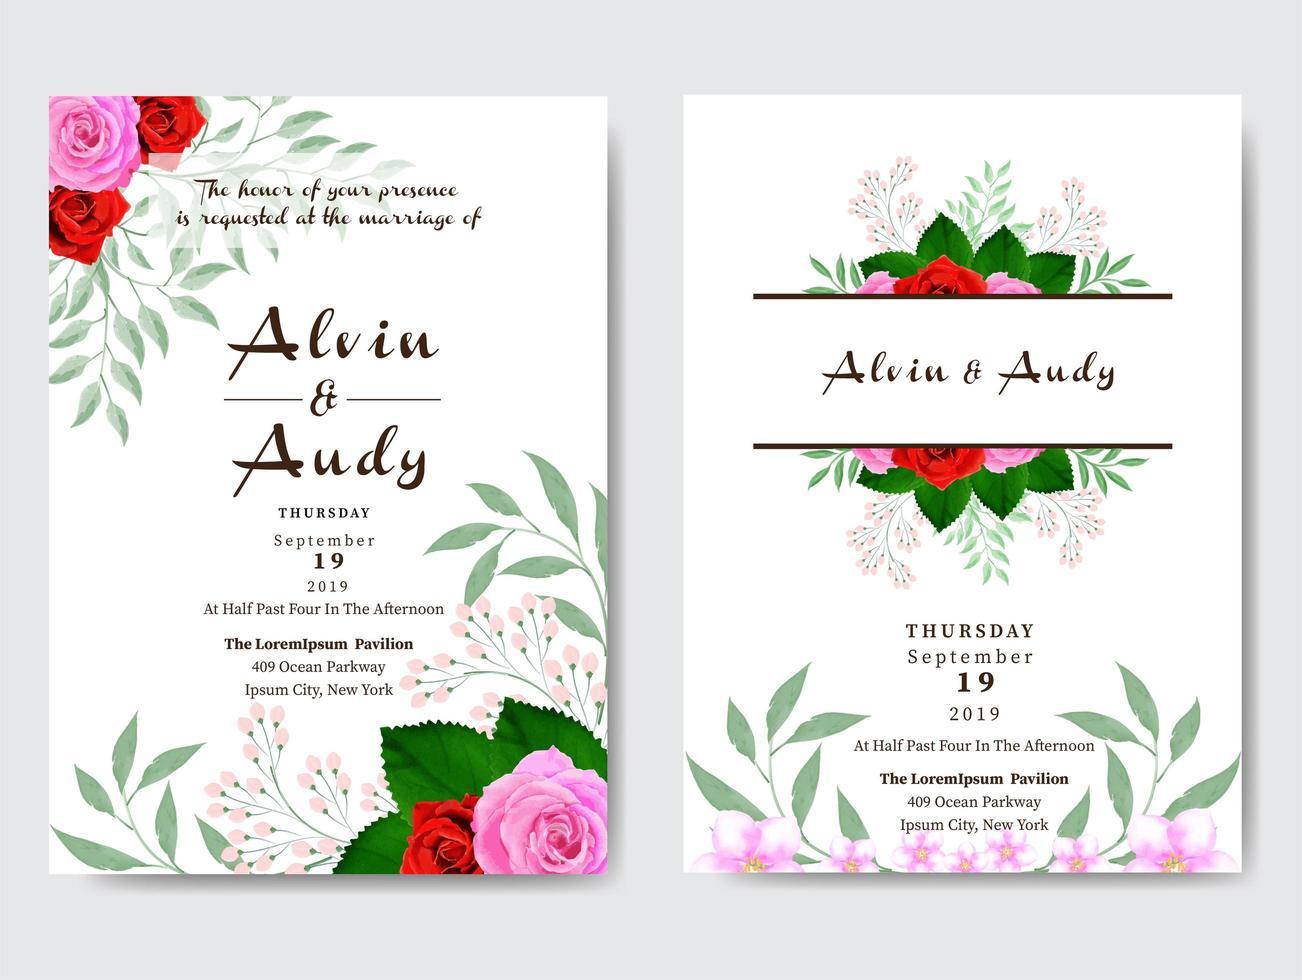 carta di invito matrimonio confine rosa acquerello vettore